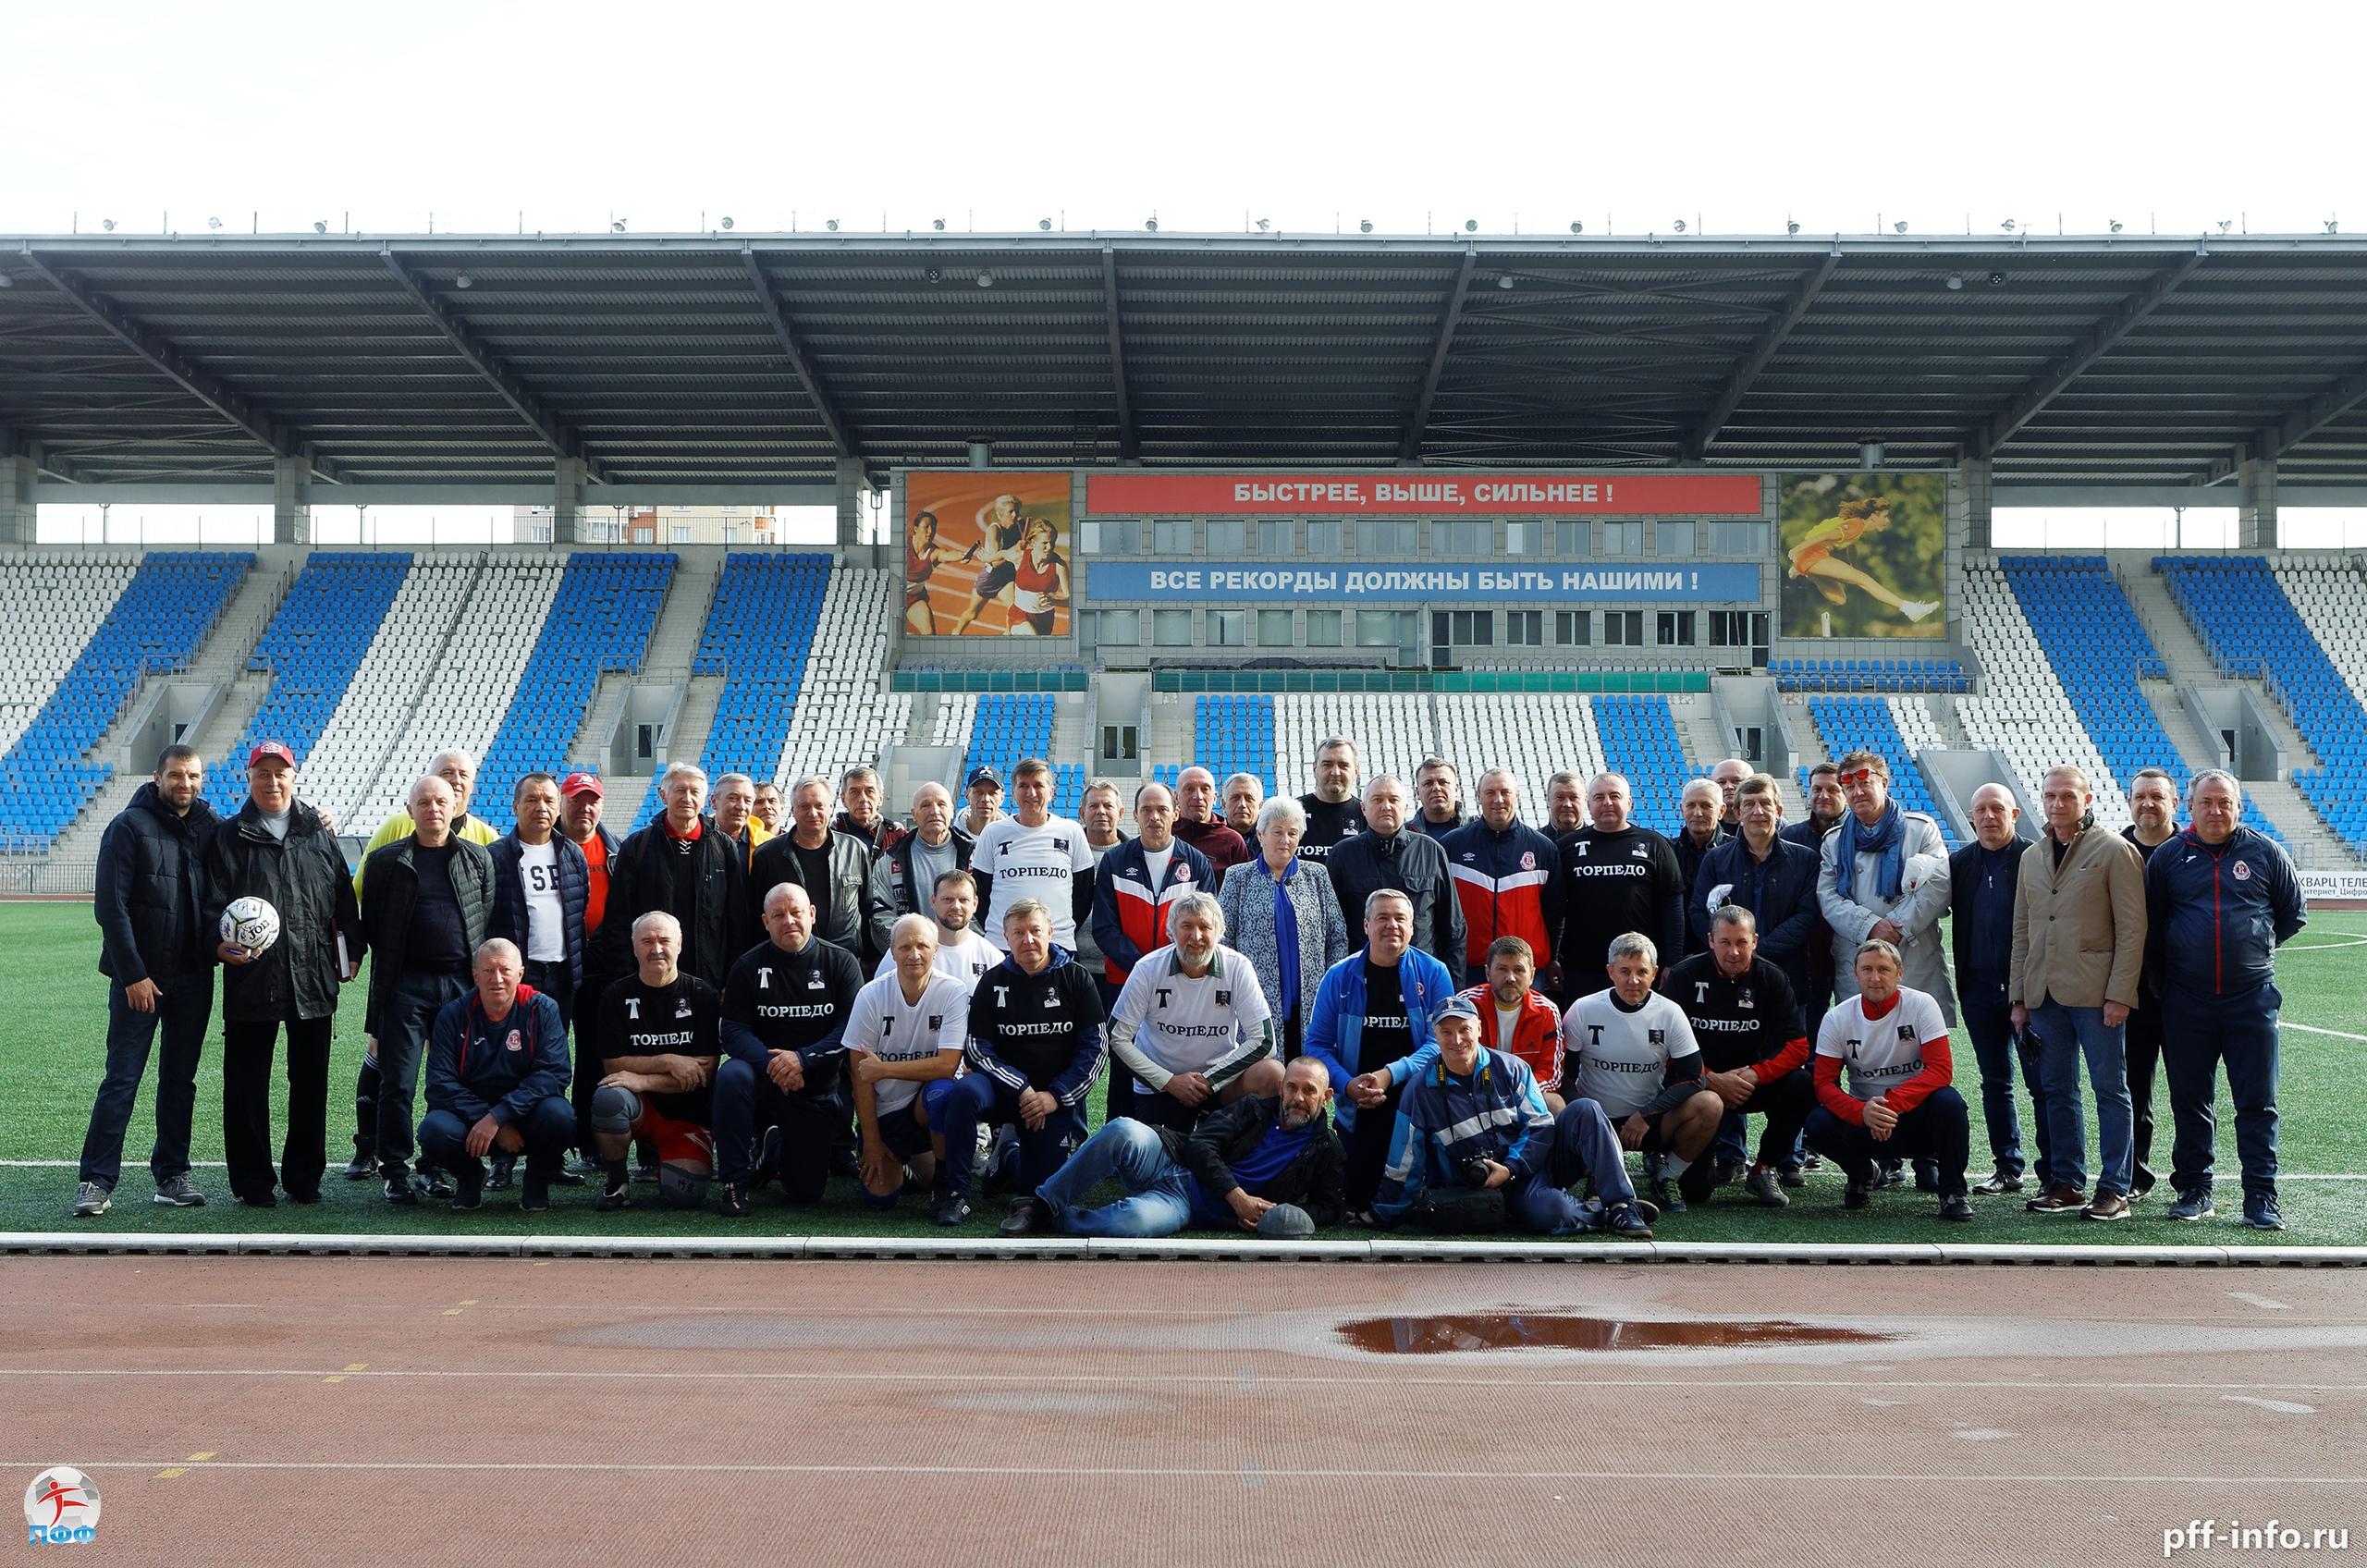 Ветераны подольского «Торпедо» провели матч памяти Л.А. Городничева